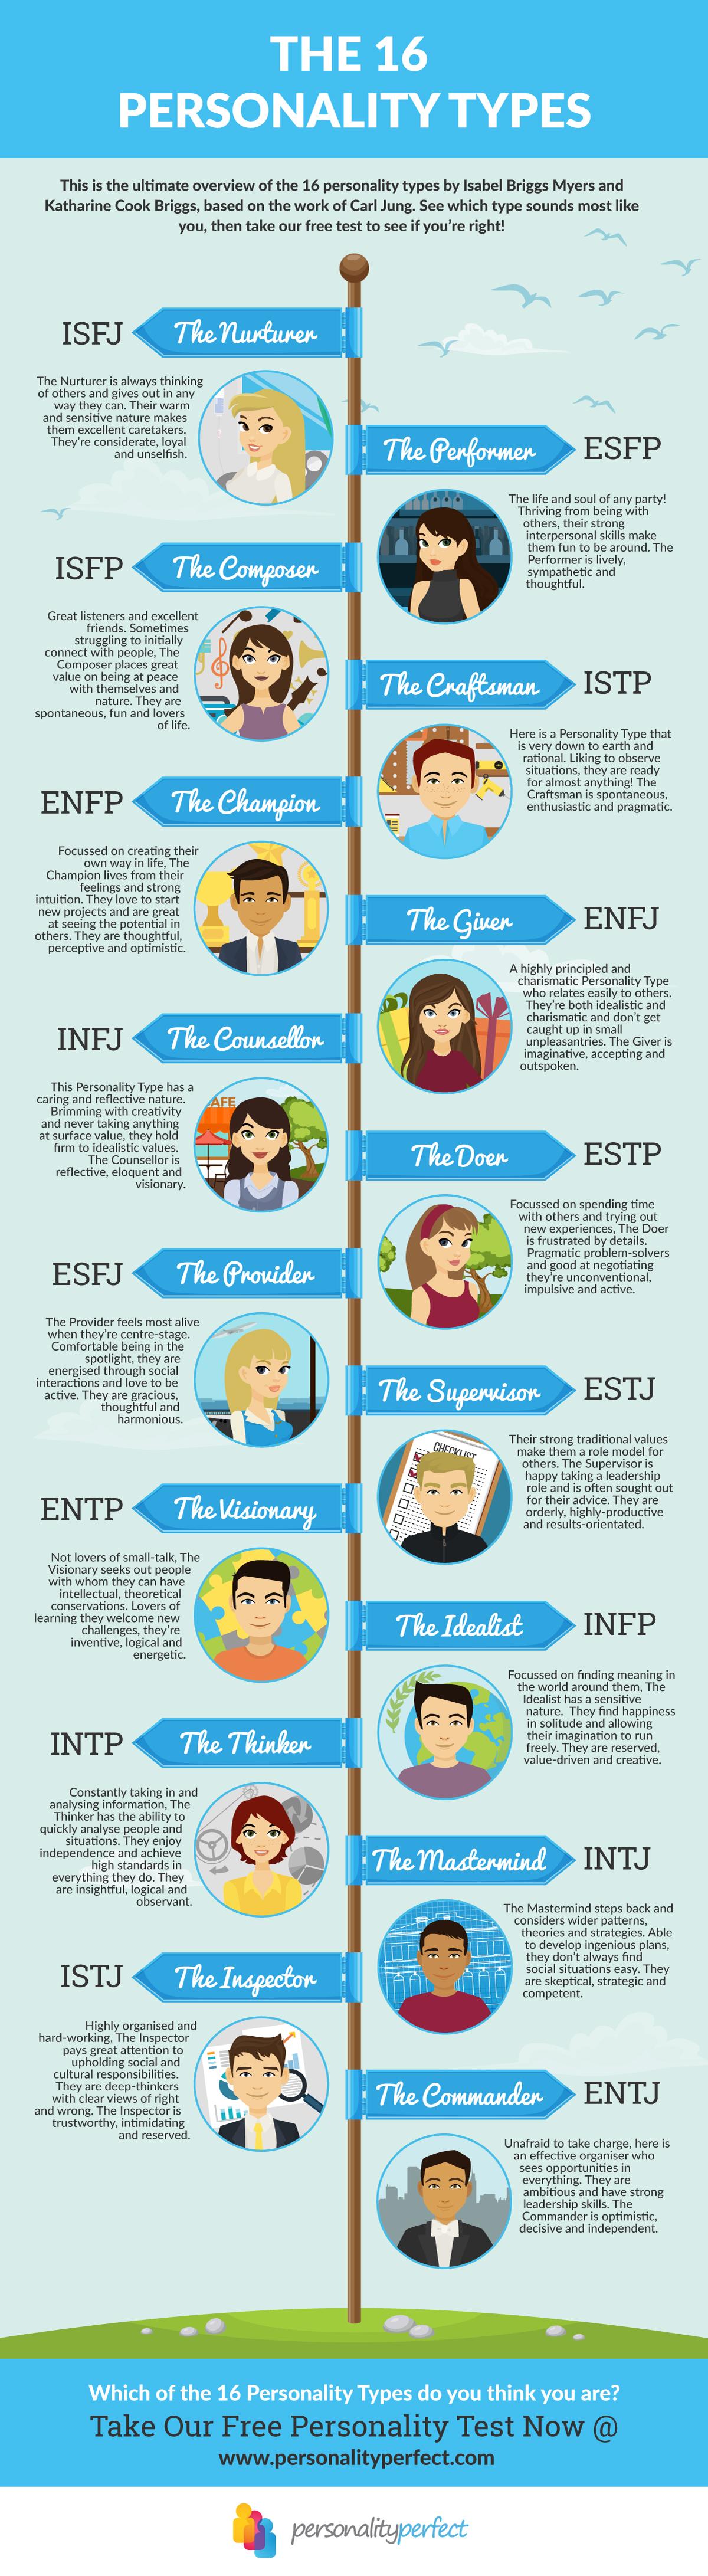 16pf traits de personnalité expliqués du test de personnalité de Myers-Briggs (MBTI)